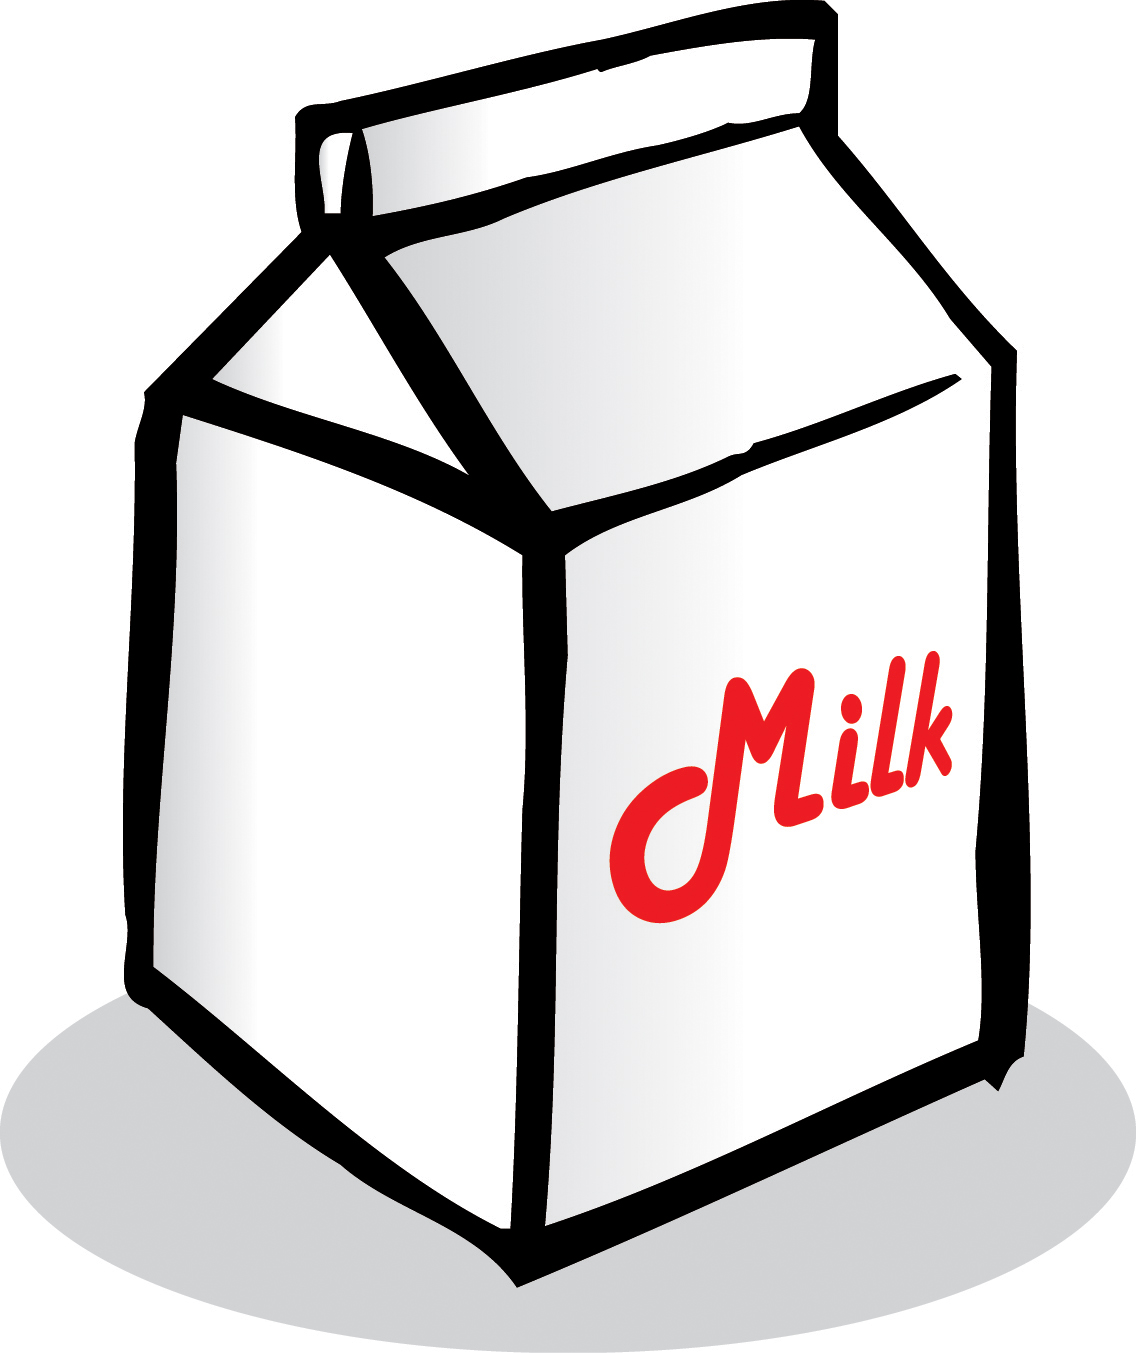 milk carton images. Black Bedroom Furniture Sets. Home Design Ideas